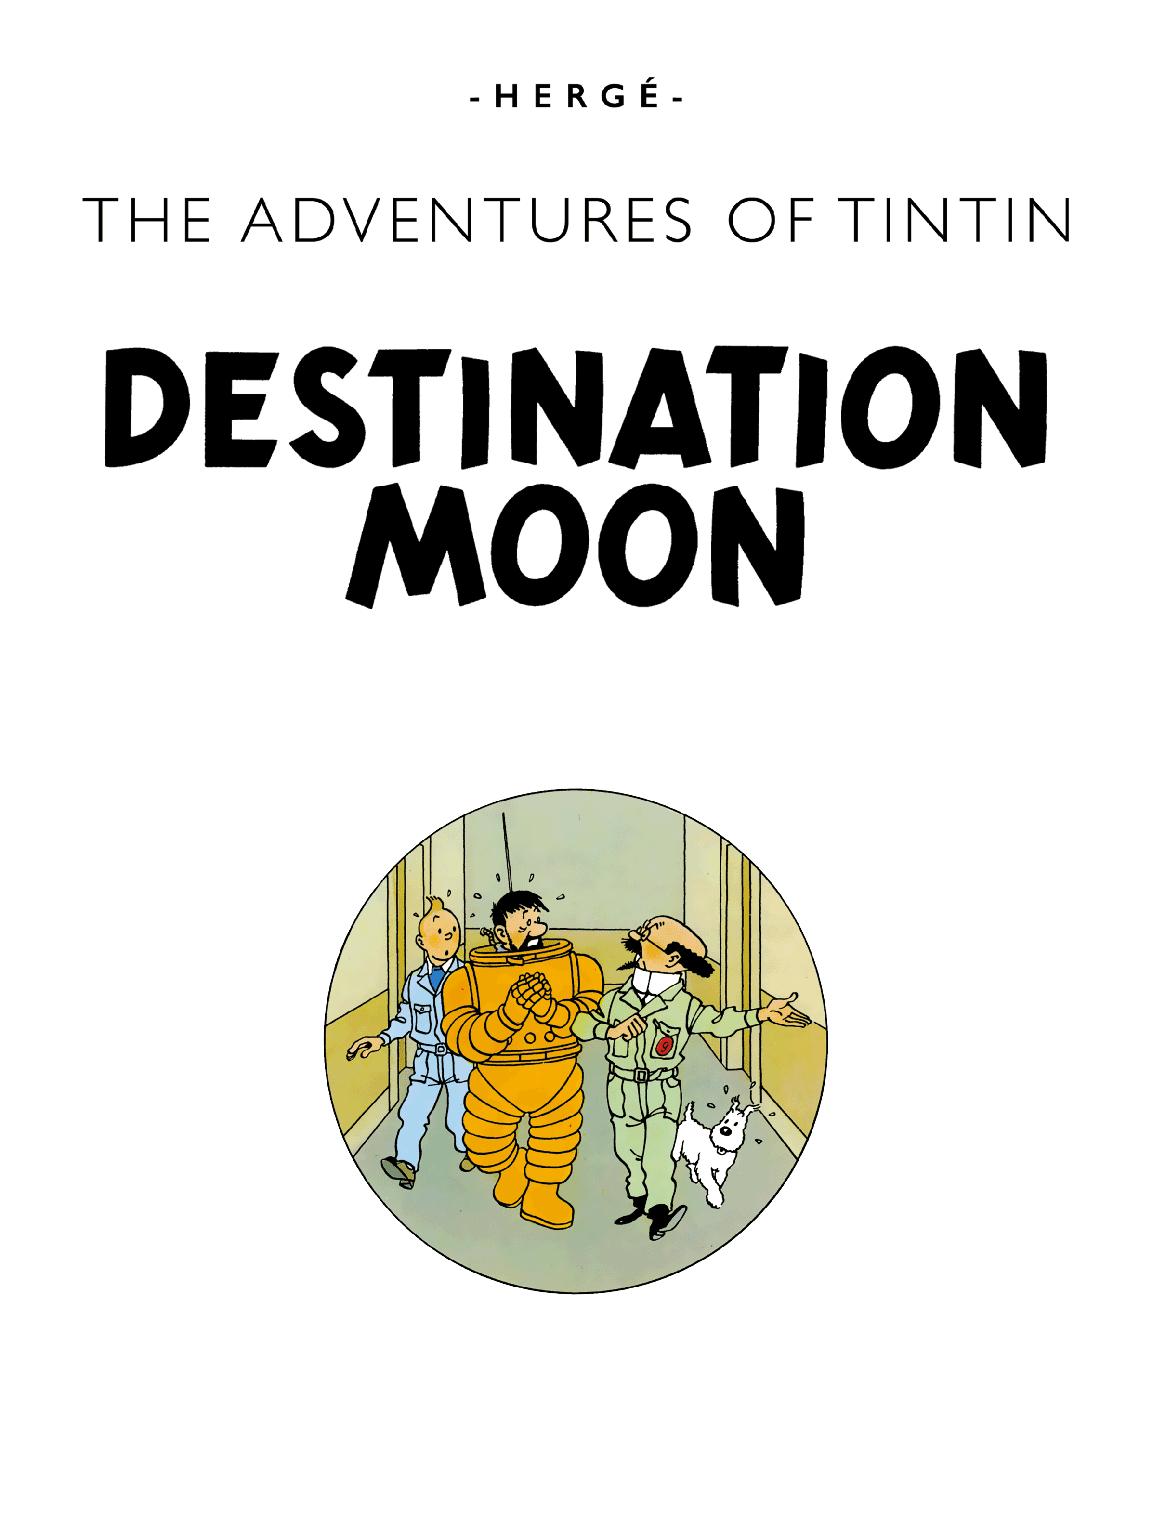 Destination Moon - Title page